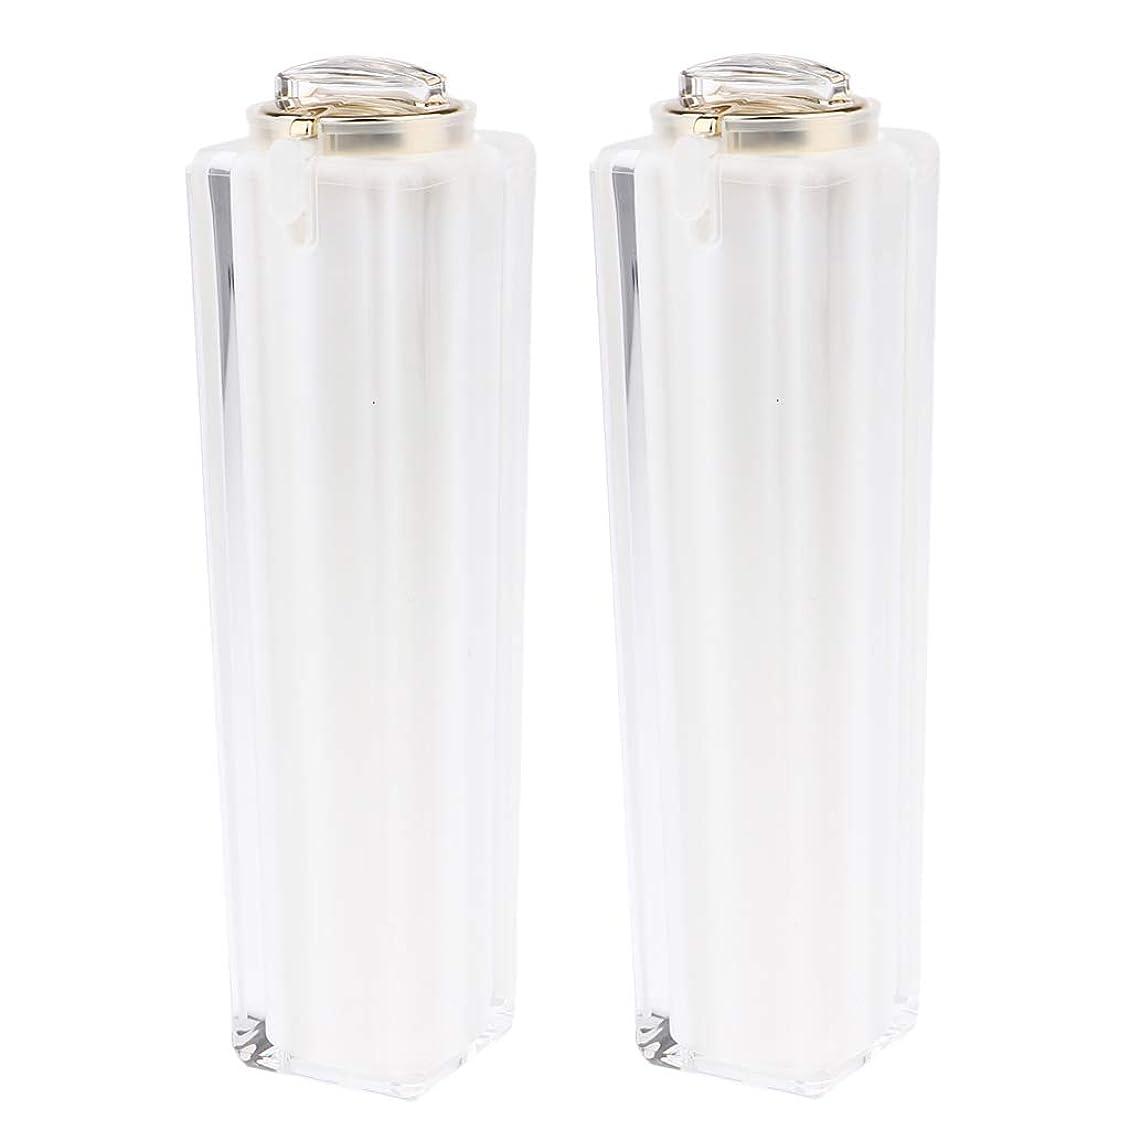 カトリック教徒科学としてPerfeclan ボトル 化粧水 化粧品容器 旅行 小分けボトル 旅行ボトル 約100ミリリットル 詰め替え 携帯用